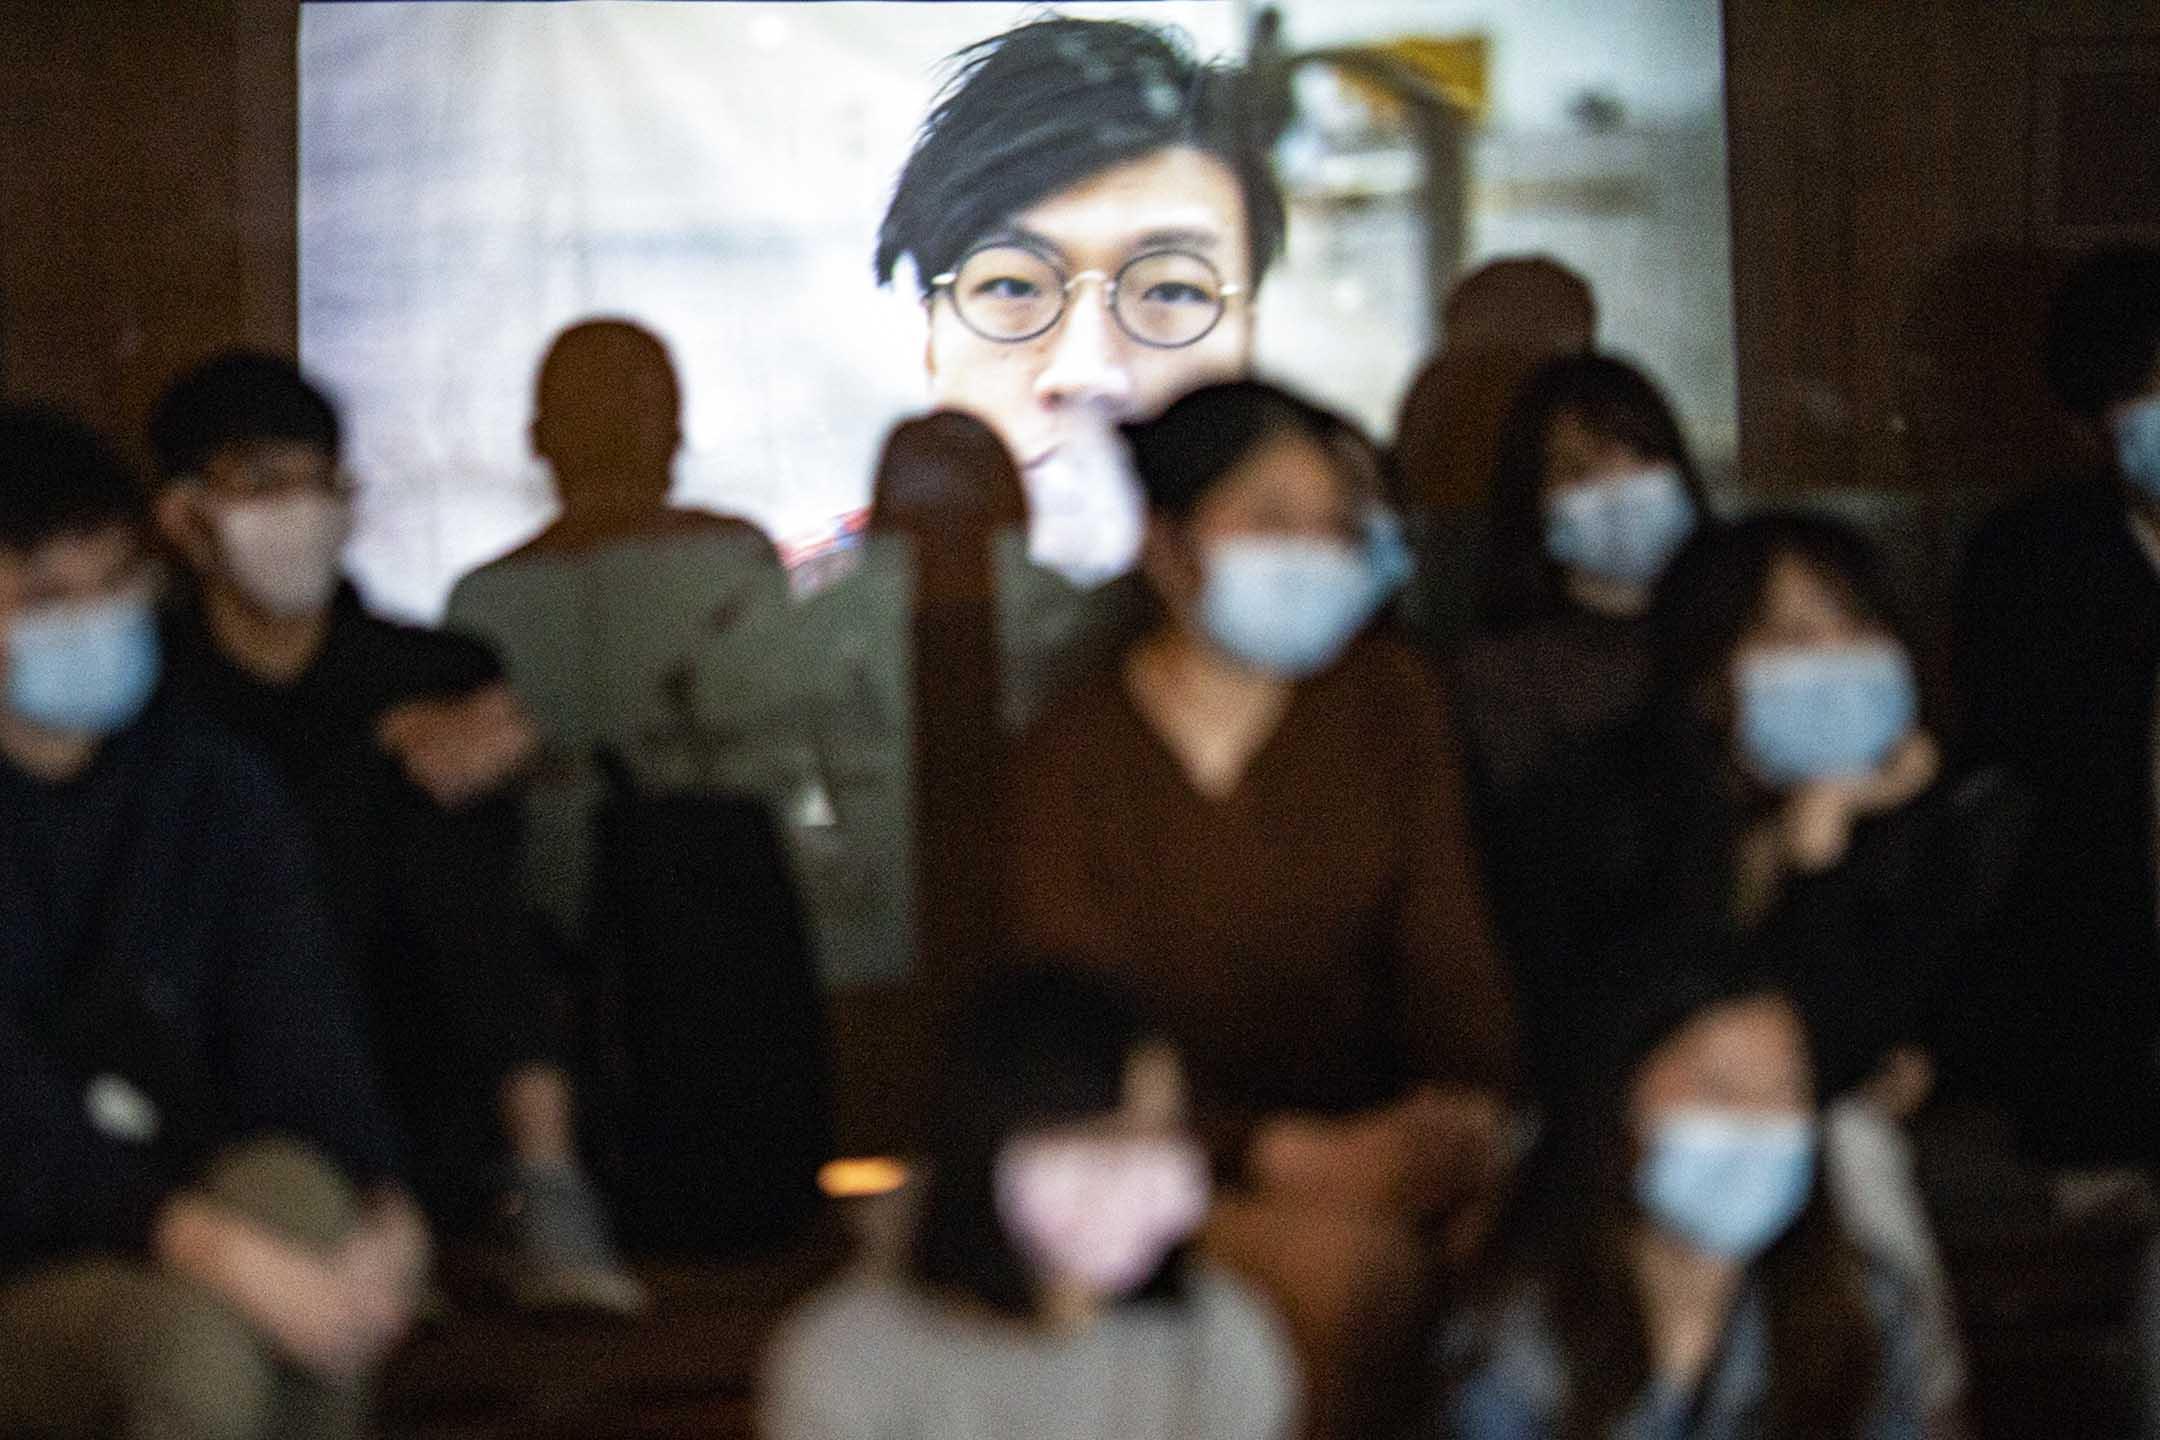 2021年2月3日香港大學,學生在觀看紀錄片《地厚天高》。